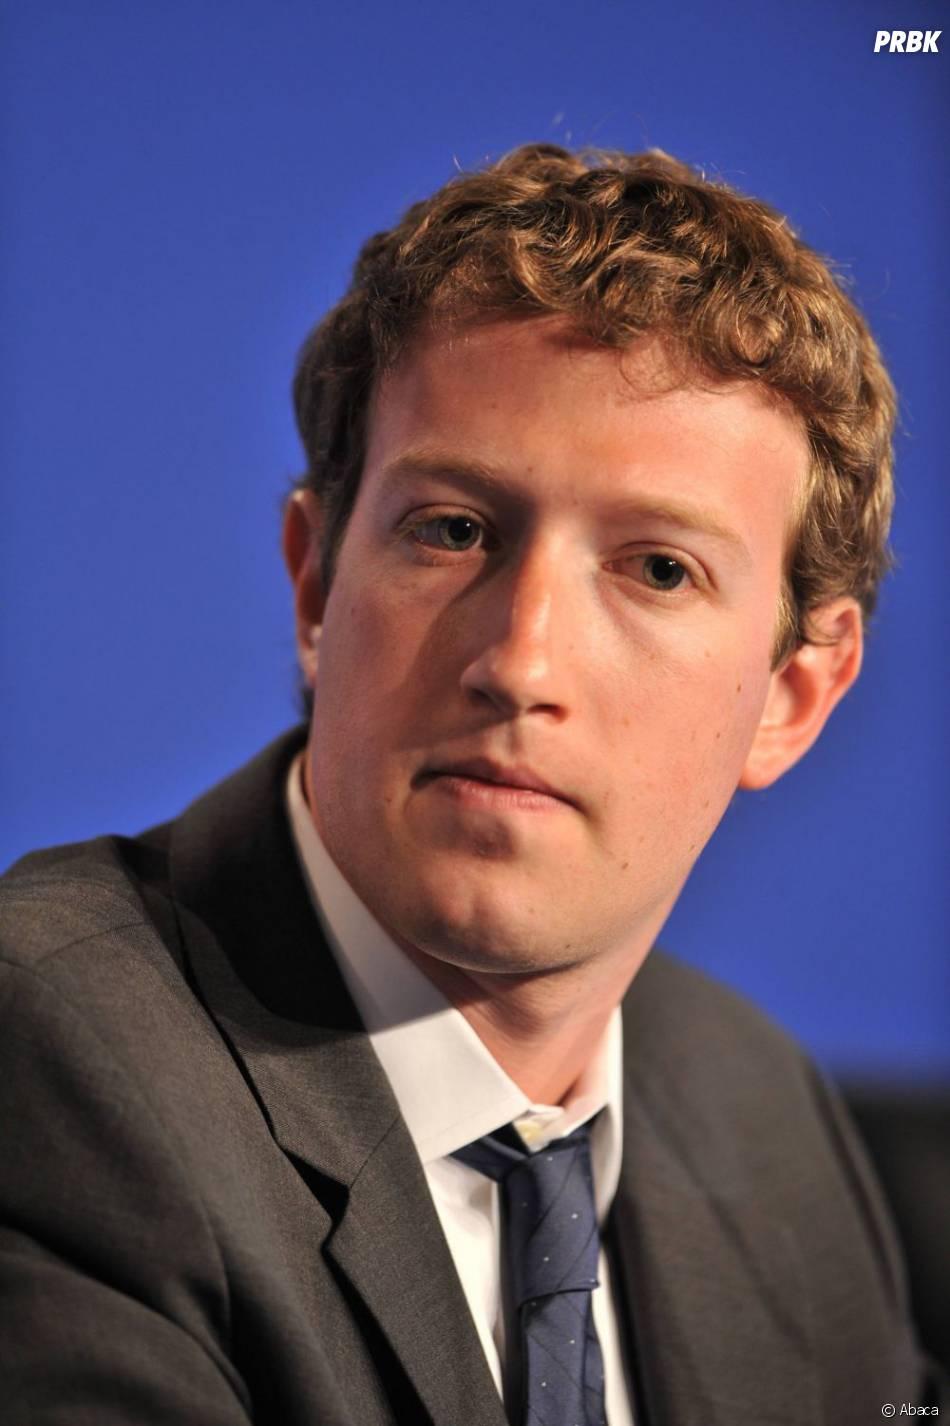 Mark Zuckerberg présente Facebook Home dans une publicité